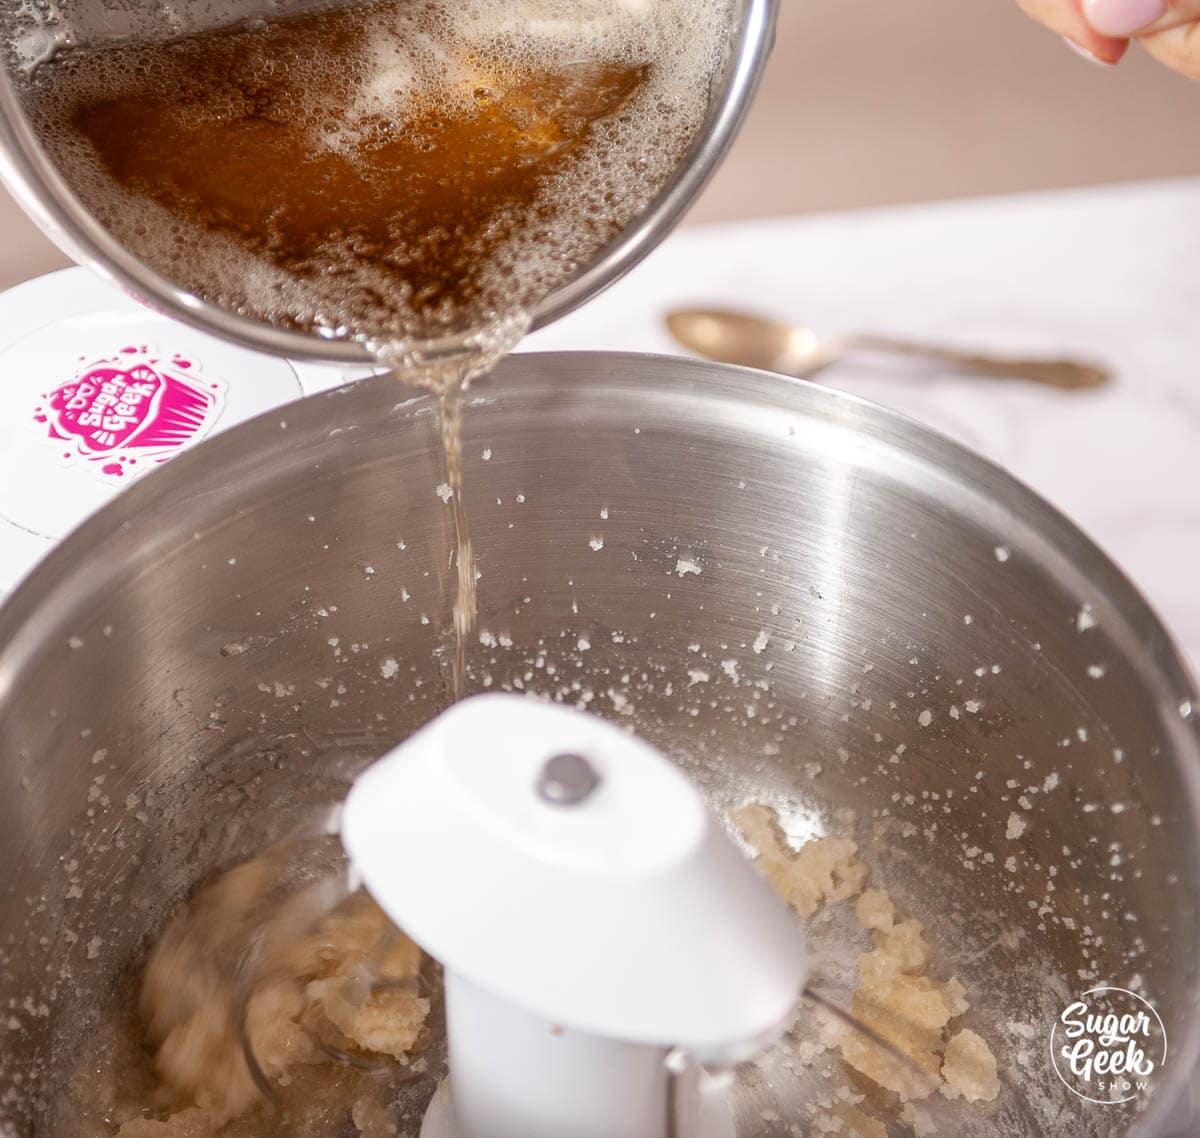 streaming sugar syrup into mixing bowl